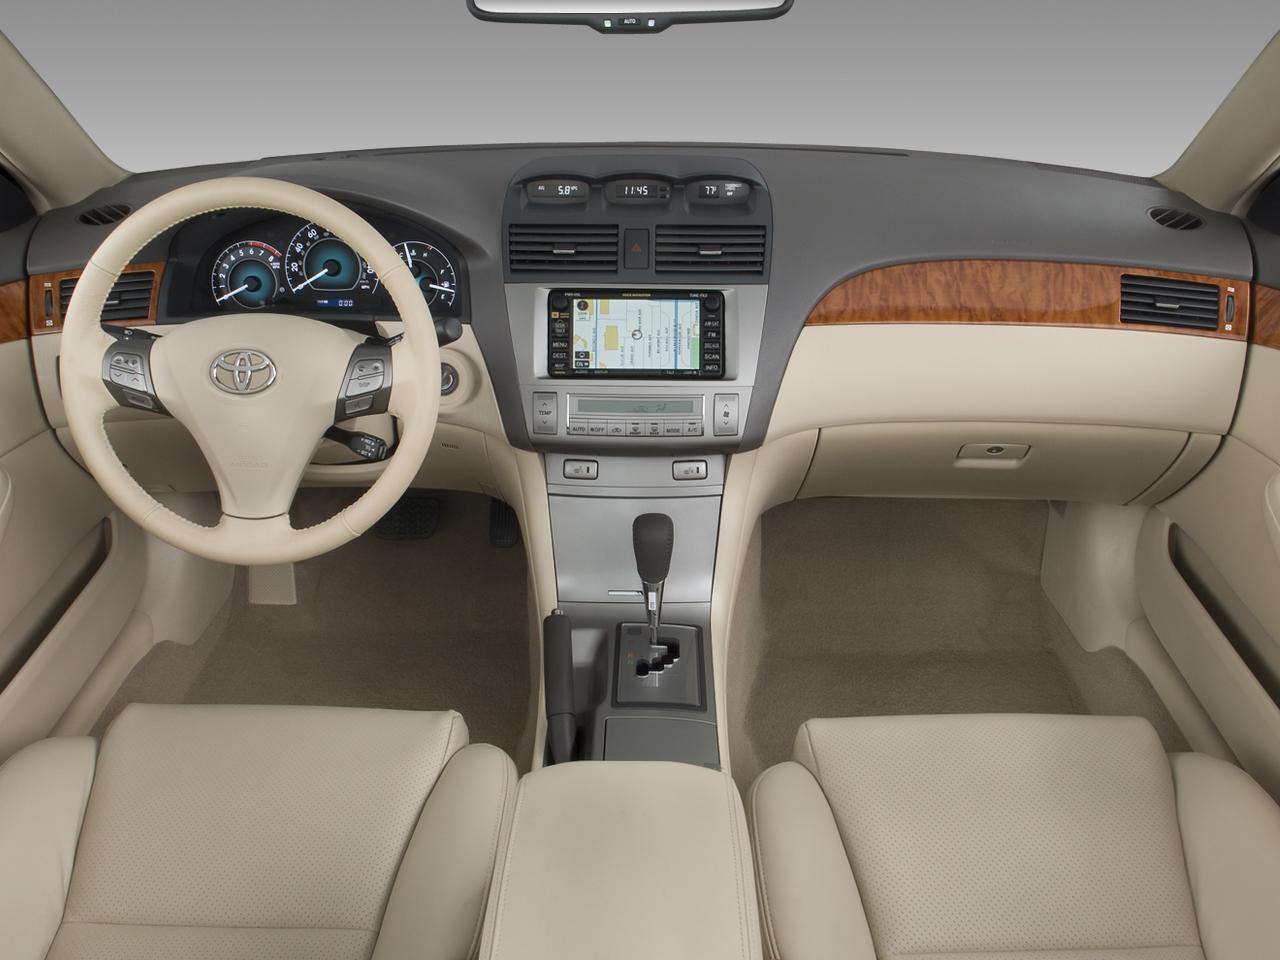 Toyota Camry Solara Review And Photos 2011 Interior